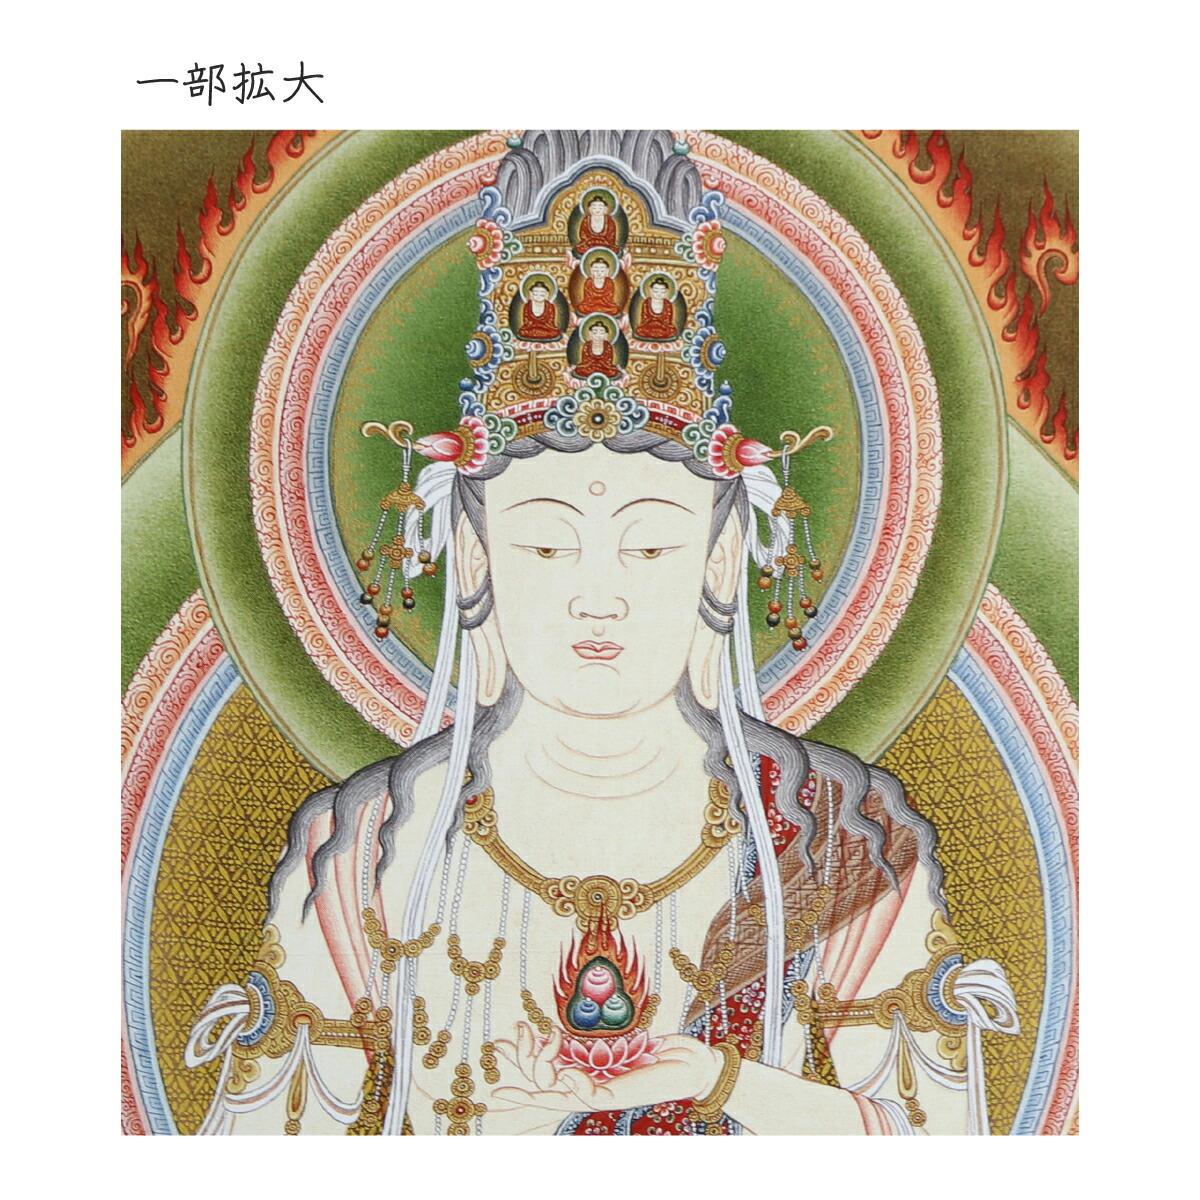 仏画色紙虚空蔵菩薩